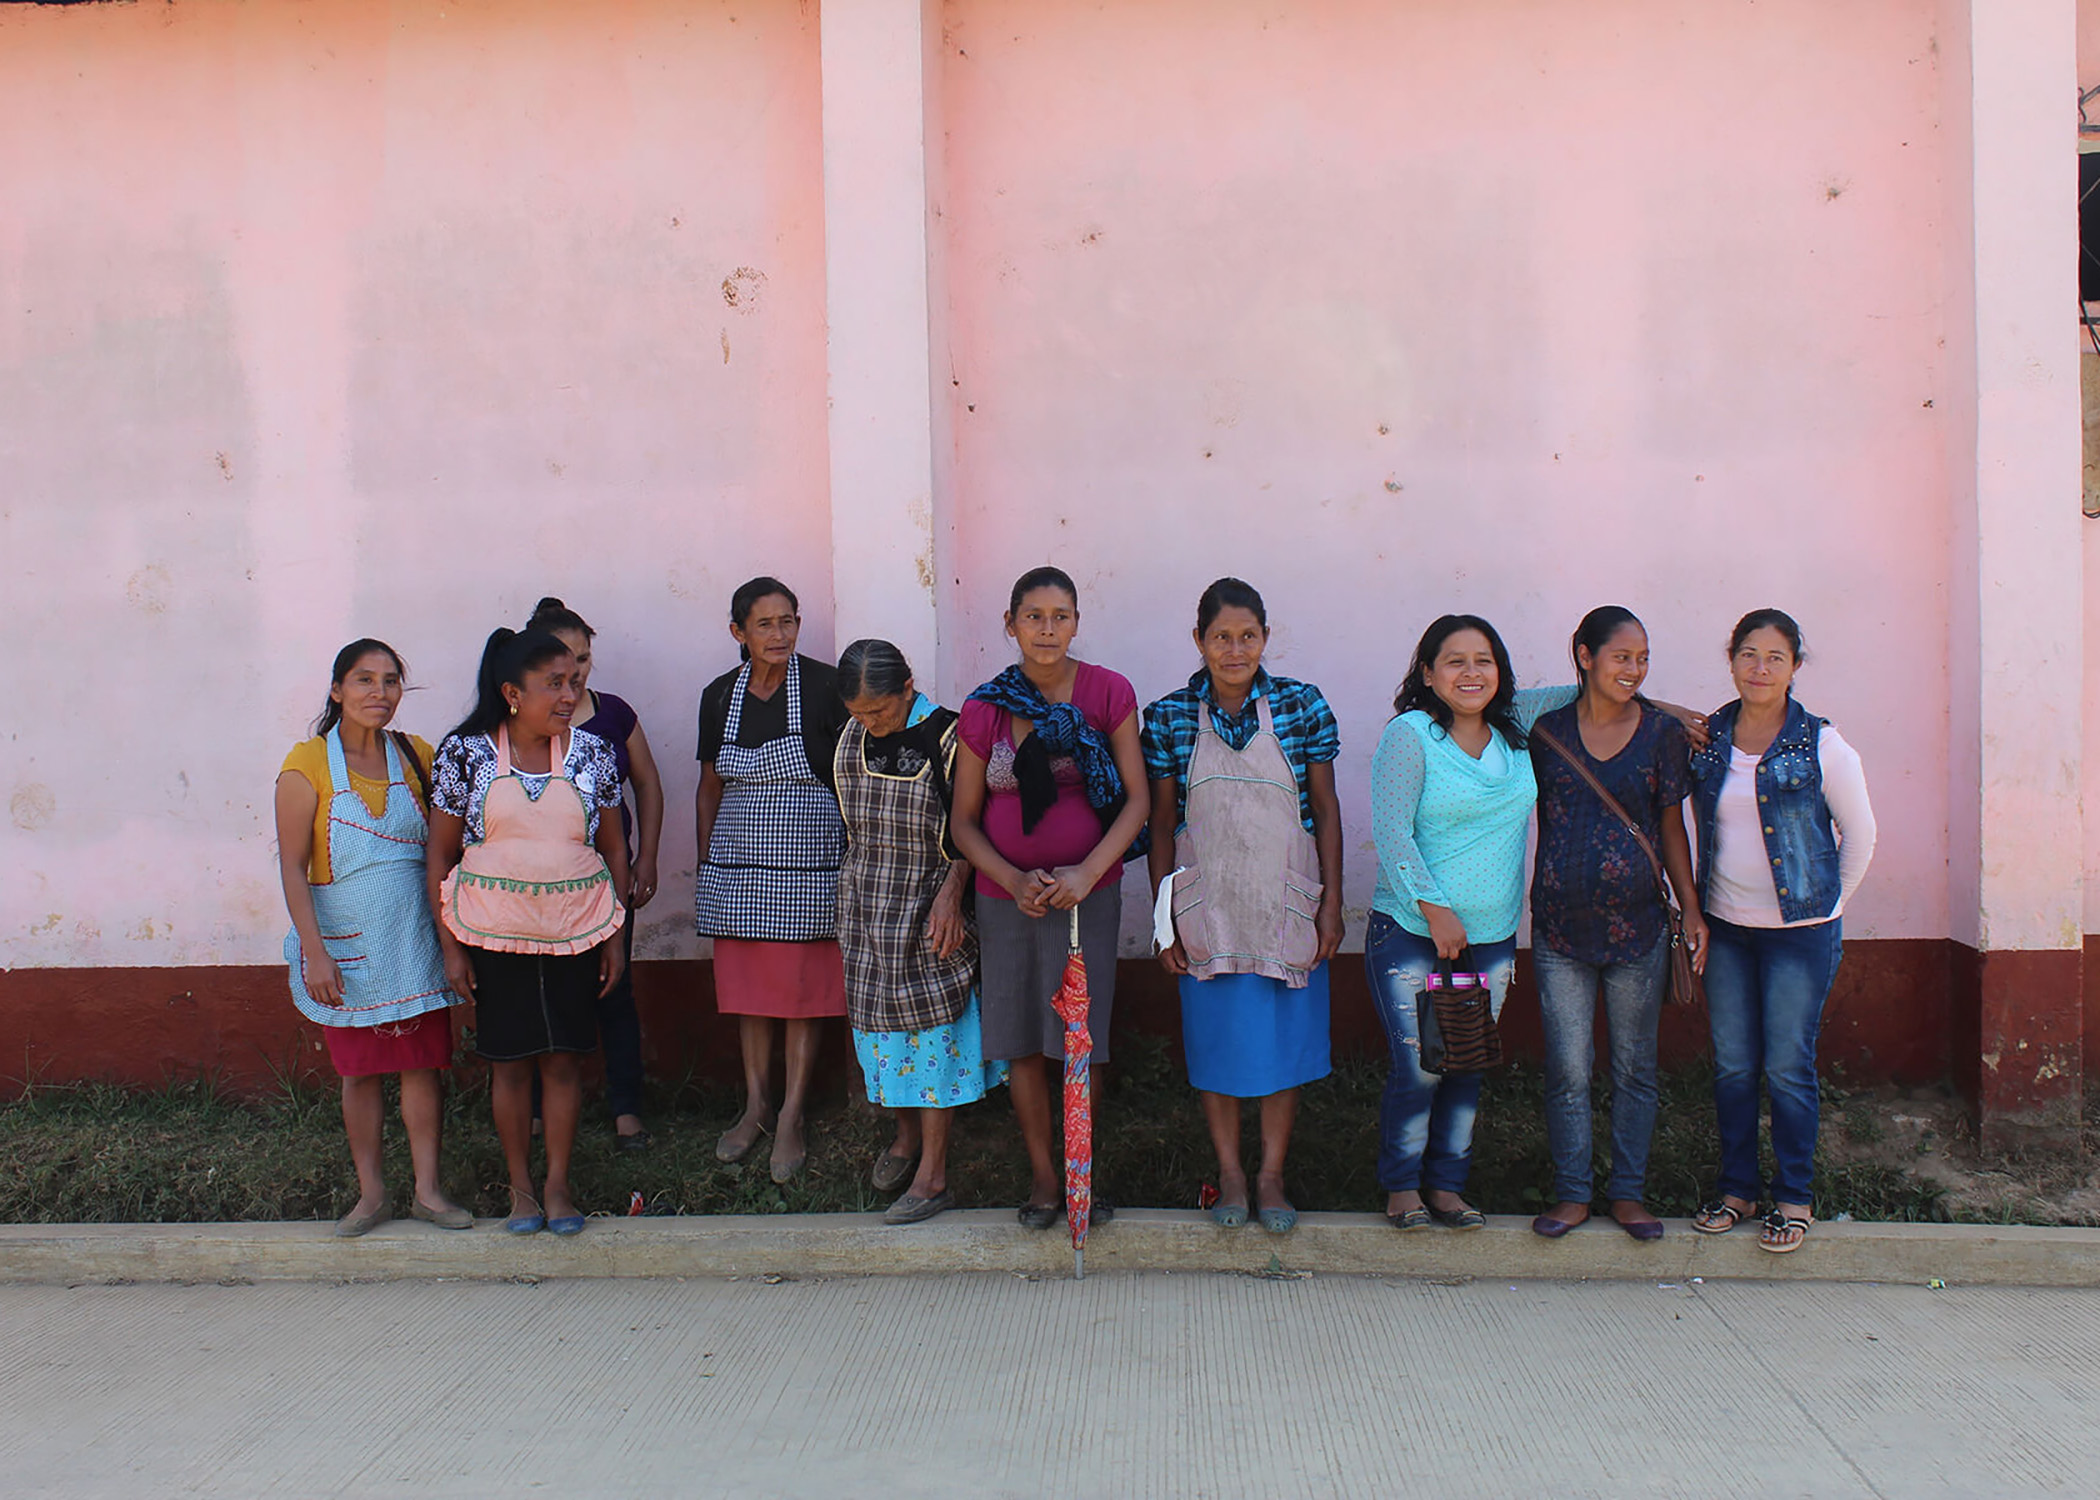 http://redstrandcoffee.com/wp-content/uploads/2019/11/Red-de-Mujeres.jpg